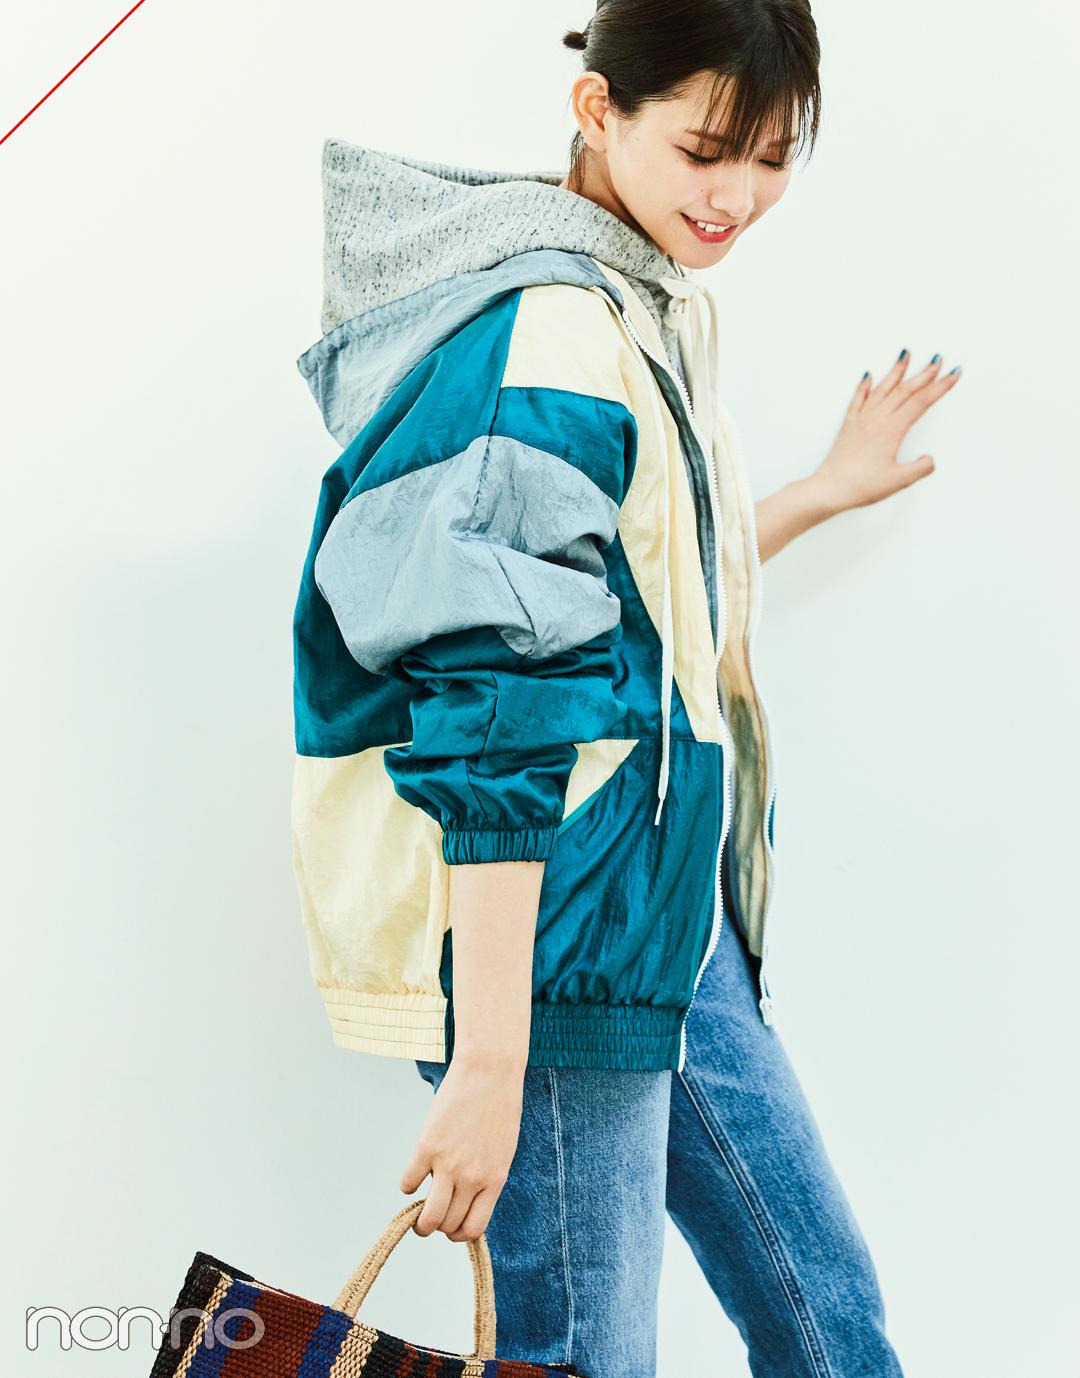 マンパコーデのコツ★きれいめ派&カジュアル派の最新トップス合わせをチェック!_1_2-3